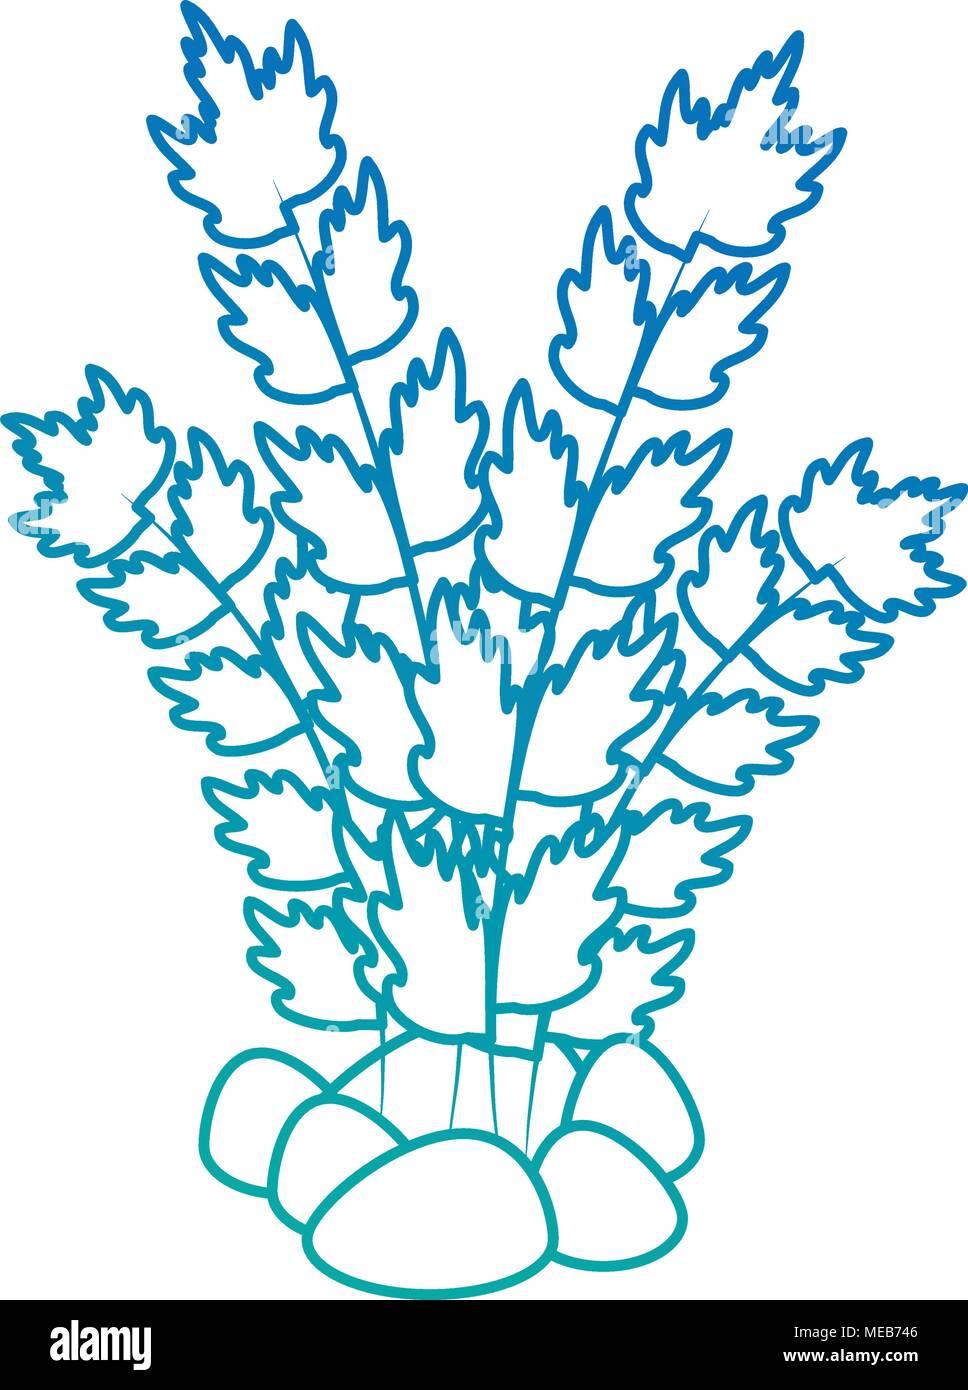 Acquario Decorativo Icona Di Alghe Marine Illustrazione Vettoriale